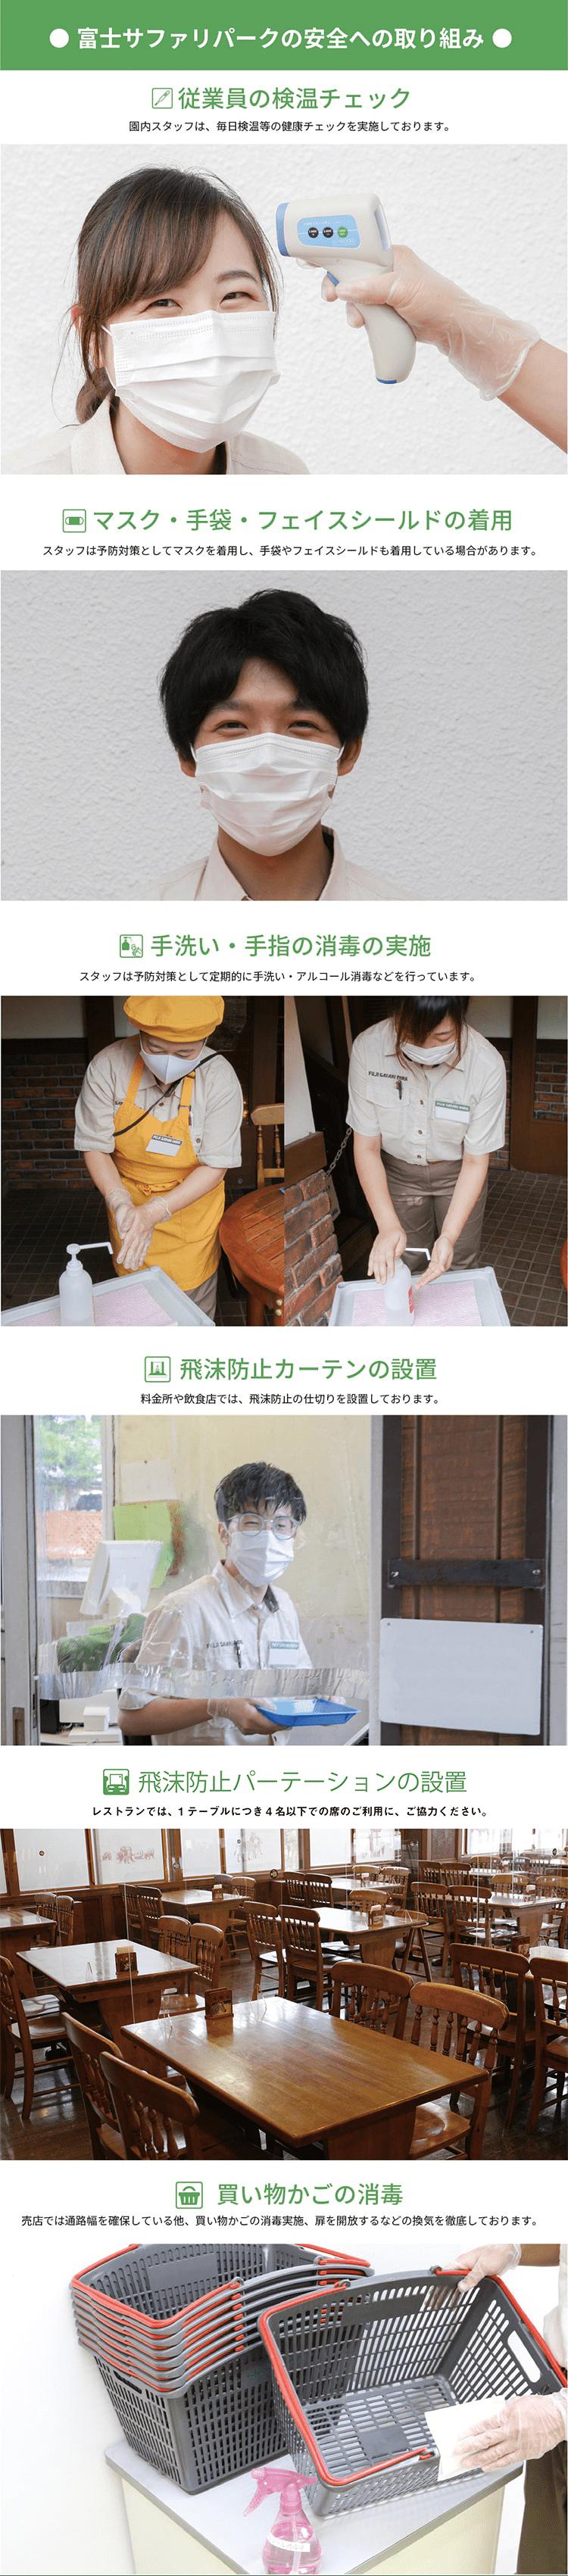 富士サファリパークの安全への取り組み